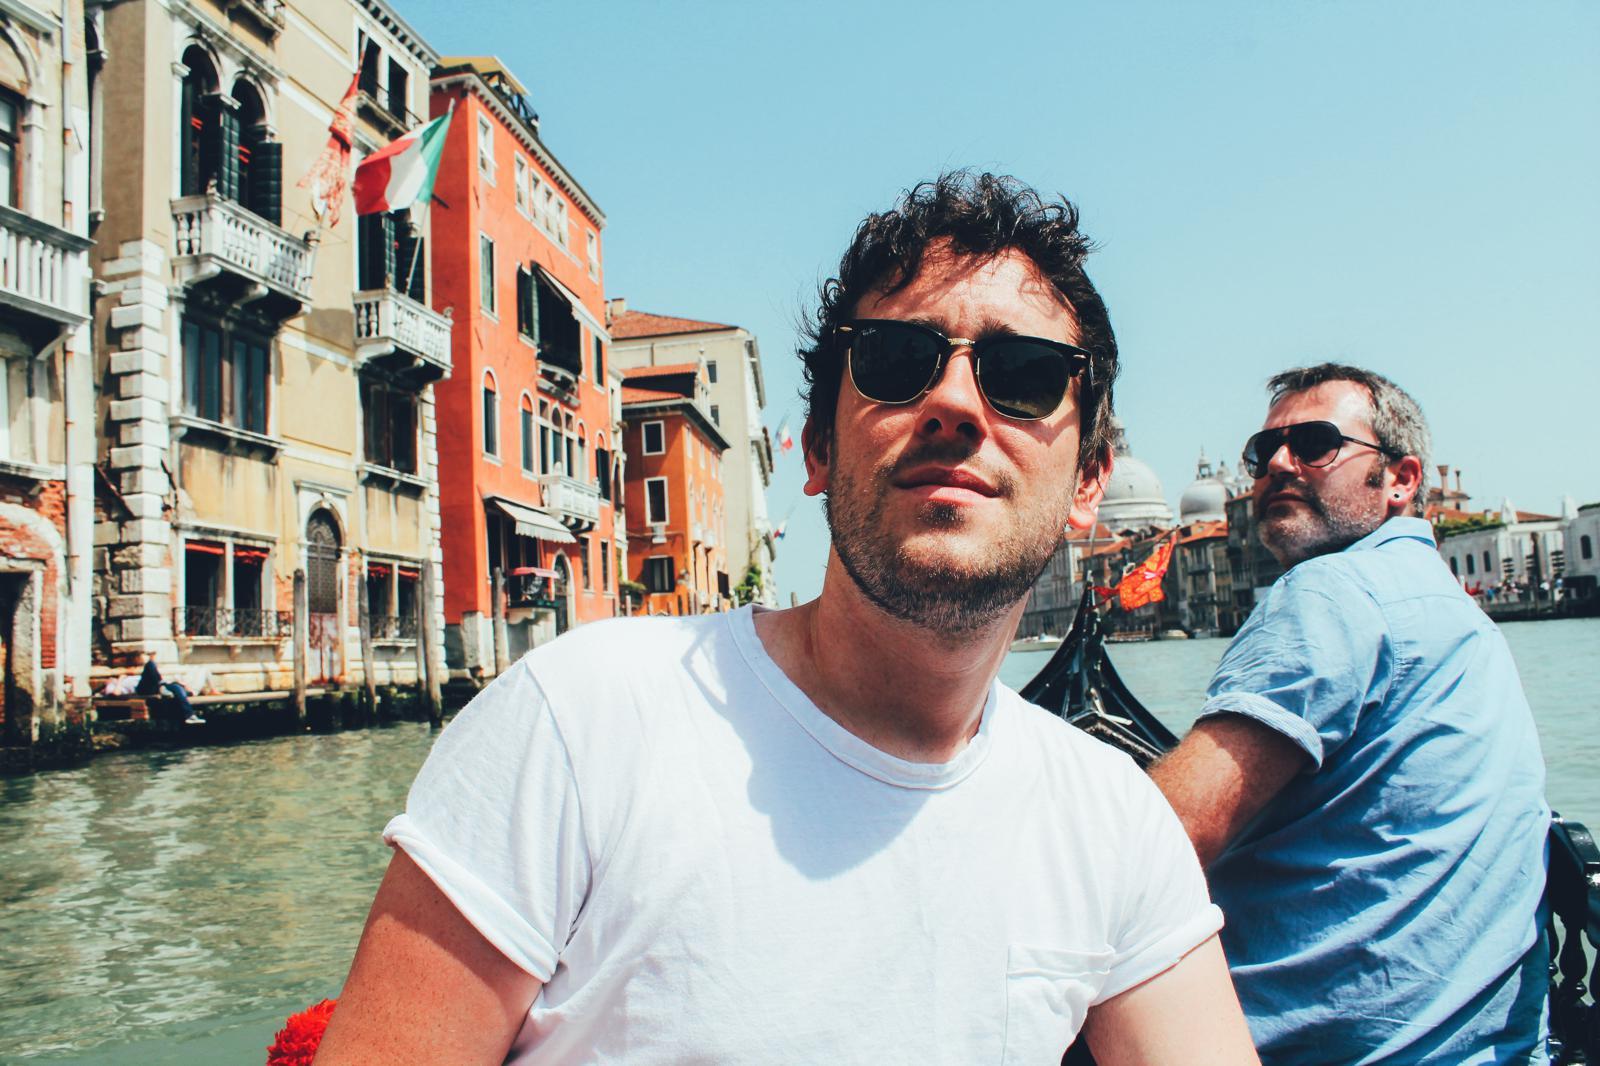 Venice - A Photo Diary. Italy, Europe (11)